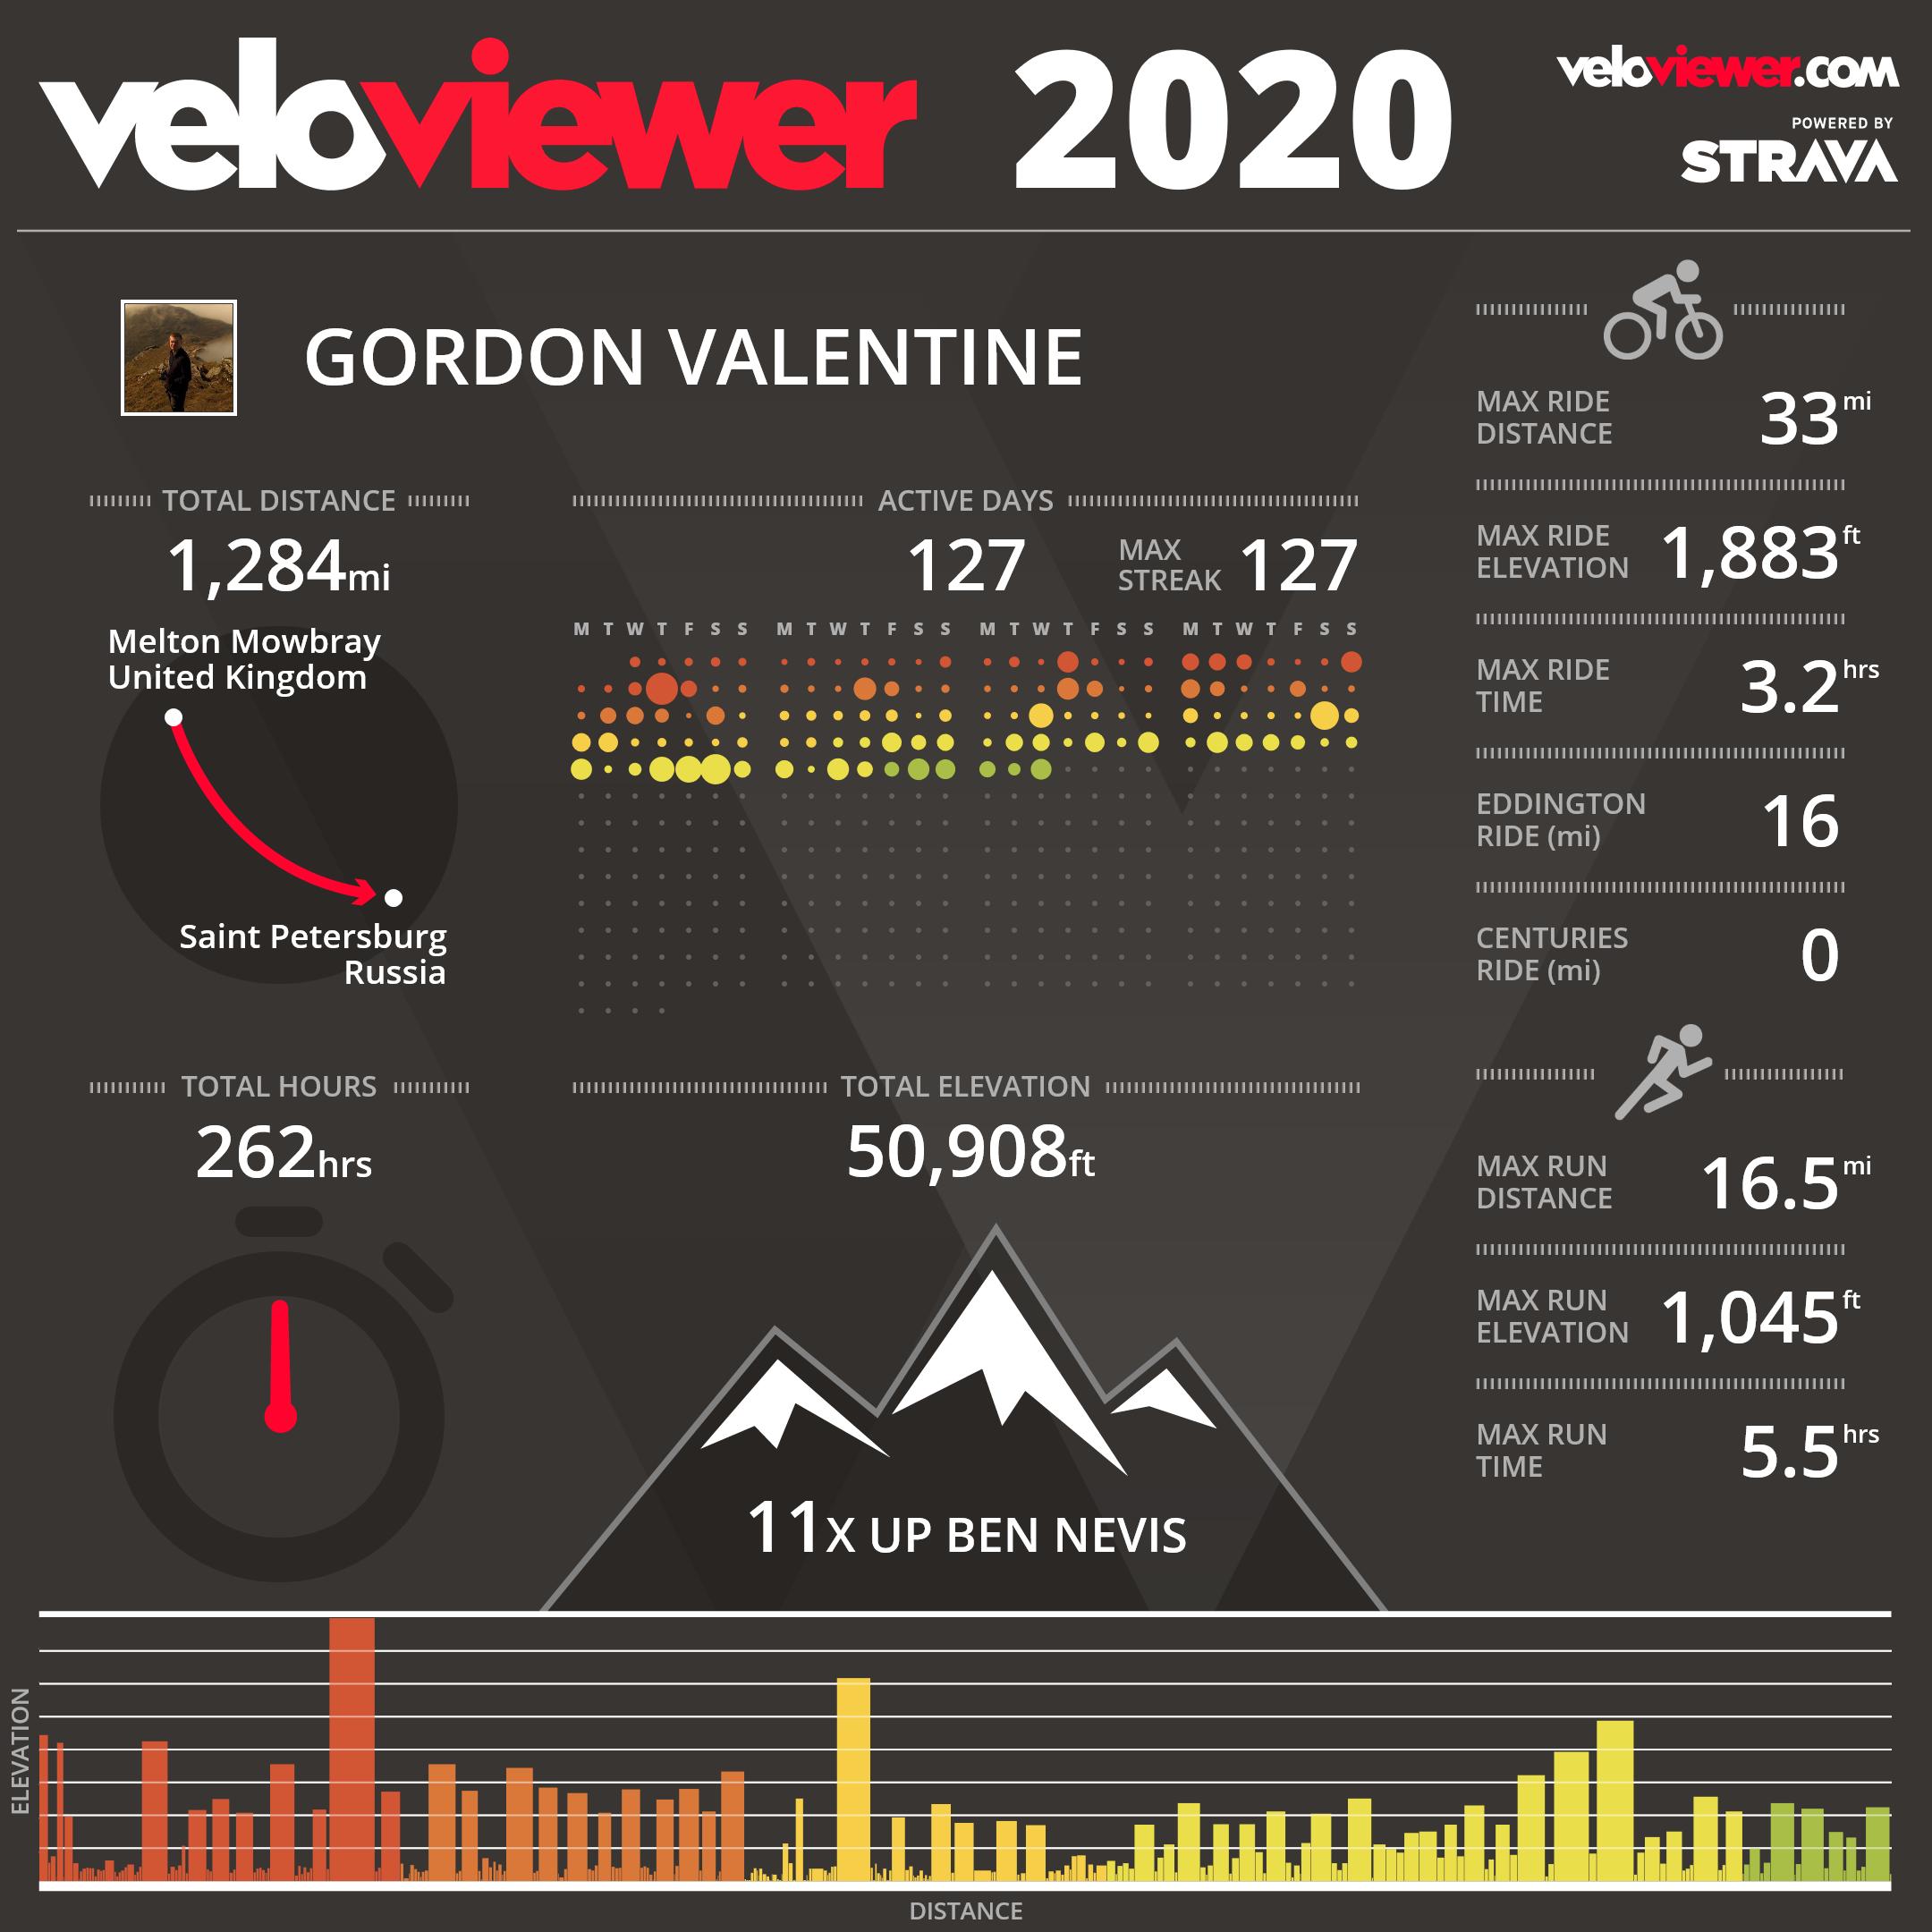 veloviewer infographic 2020